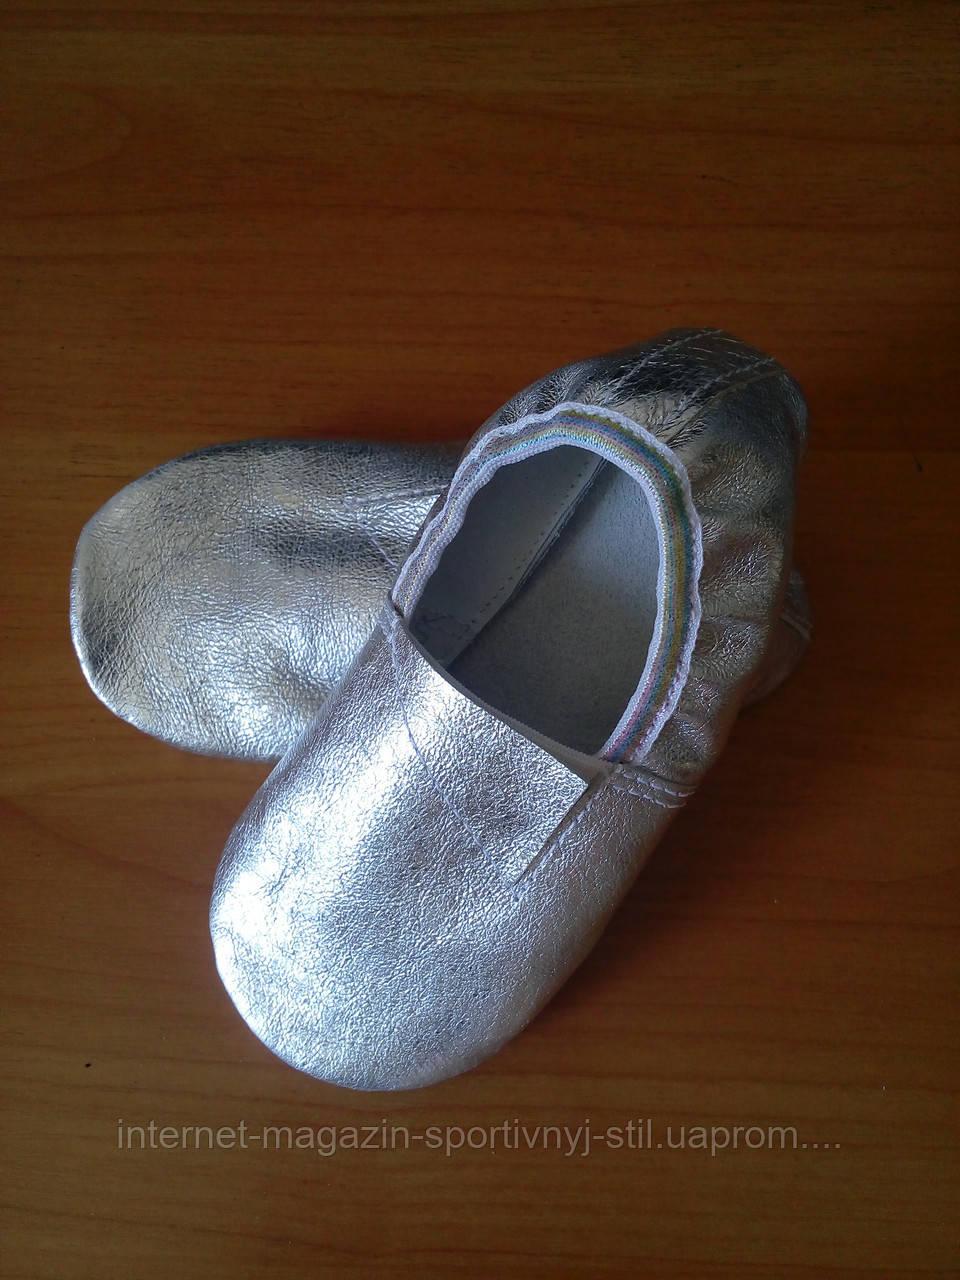 Чешки кожаные серебристые разм. 20-22,5 см